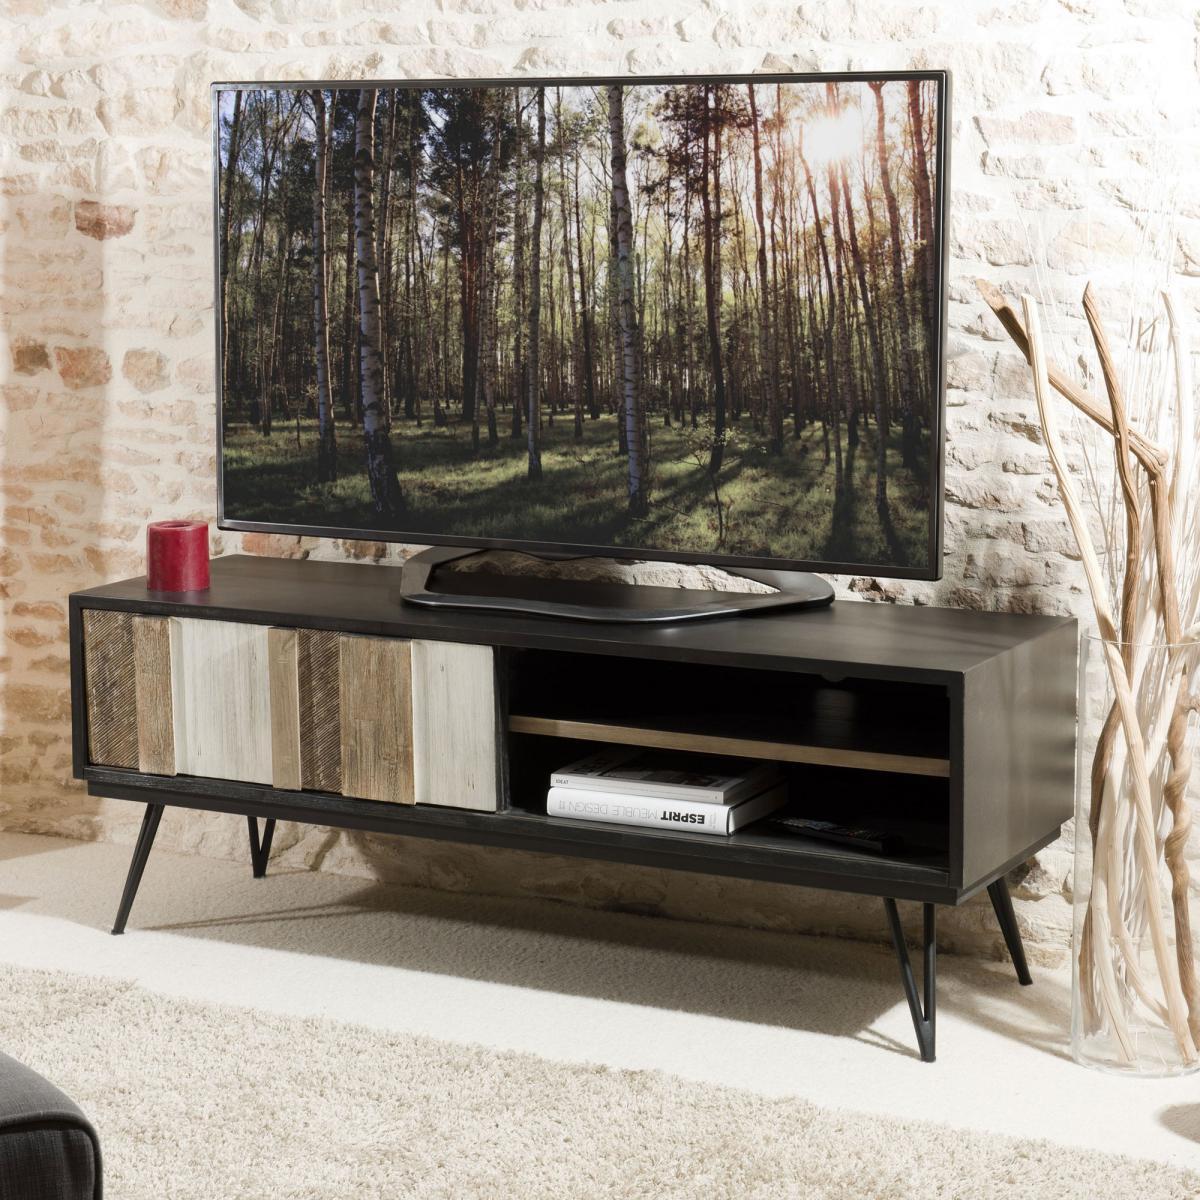 MACABANE Meuble TV 1 porte coulissante 2 niches pieds épingle style industriel - Multicolore